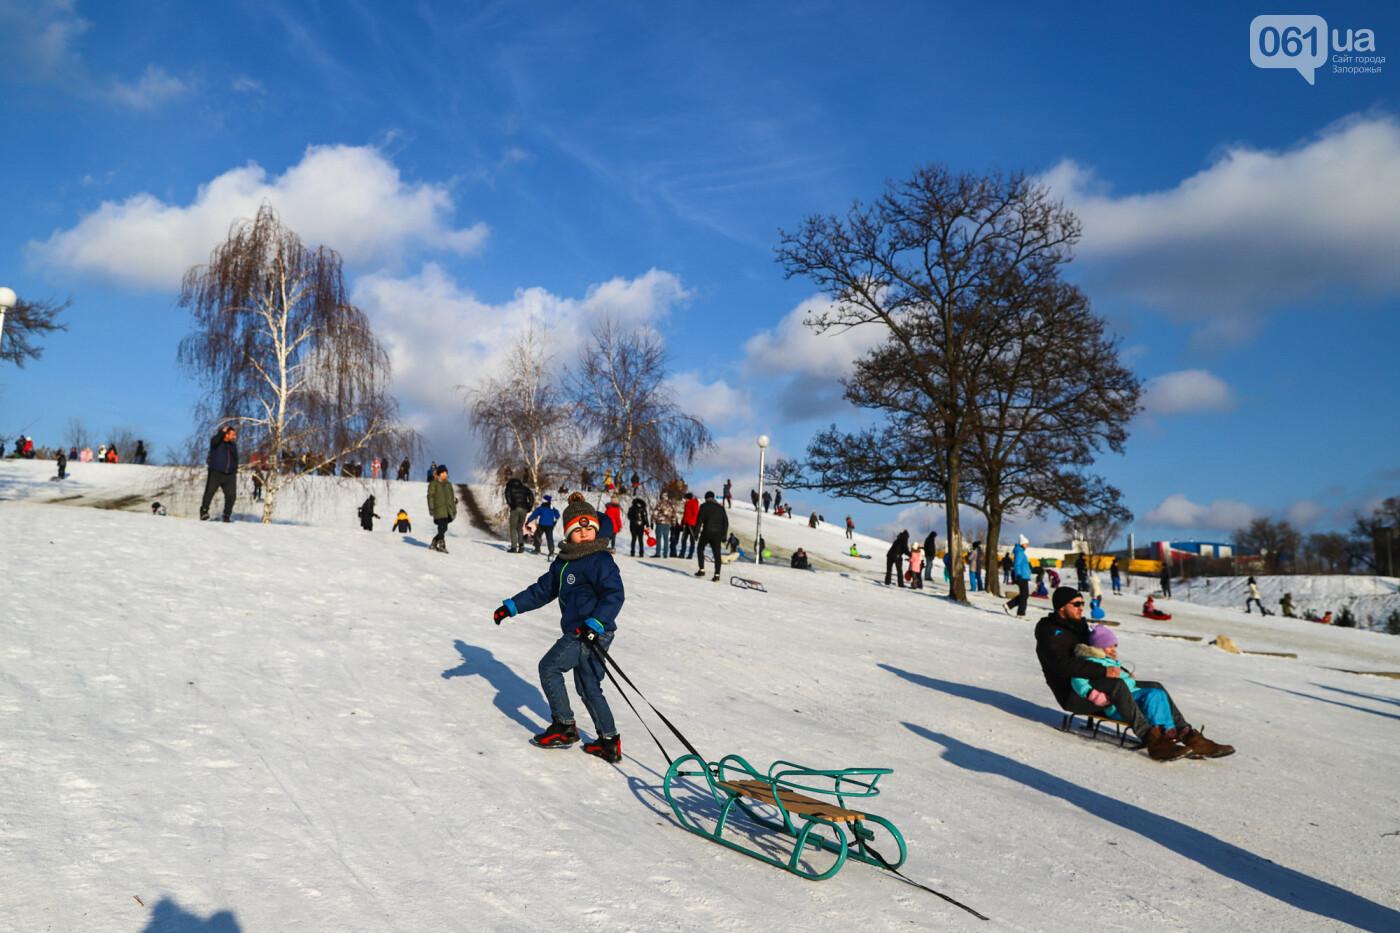 На санках, лыжах и сноуборде: запорожцы устроили массовое катание с горок в Вознесеновском парке, - ФОТОРЕПОРТАЖ, фото-35